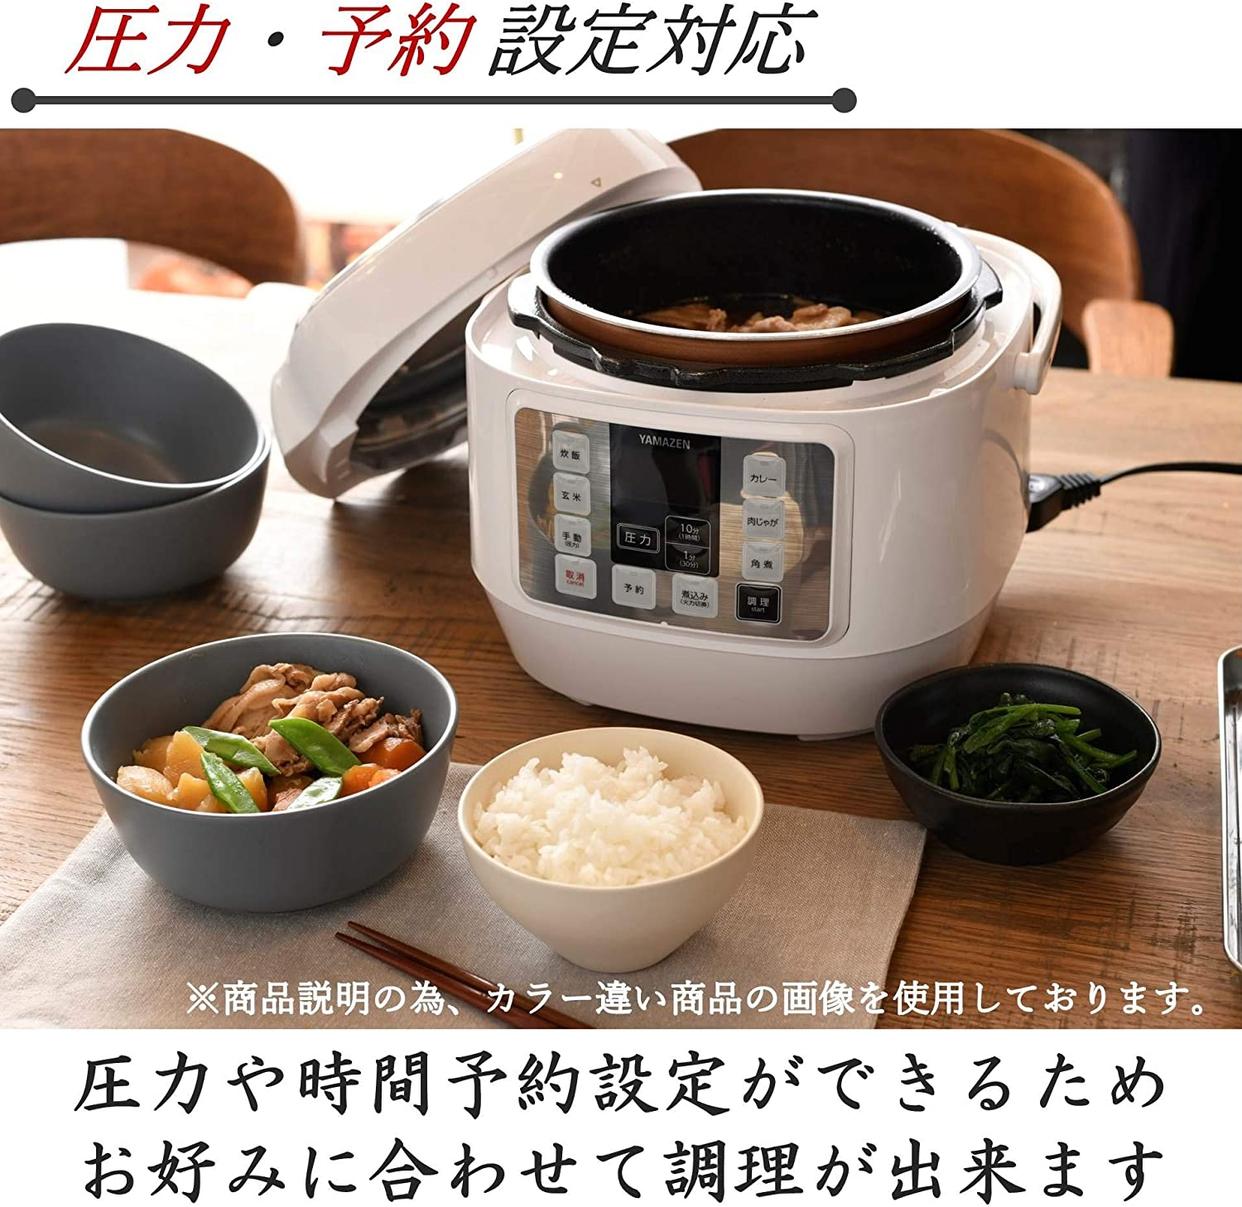 山善(YAMAZEN) 電気圧力鍋 EPCA-250Mの商品画像5